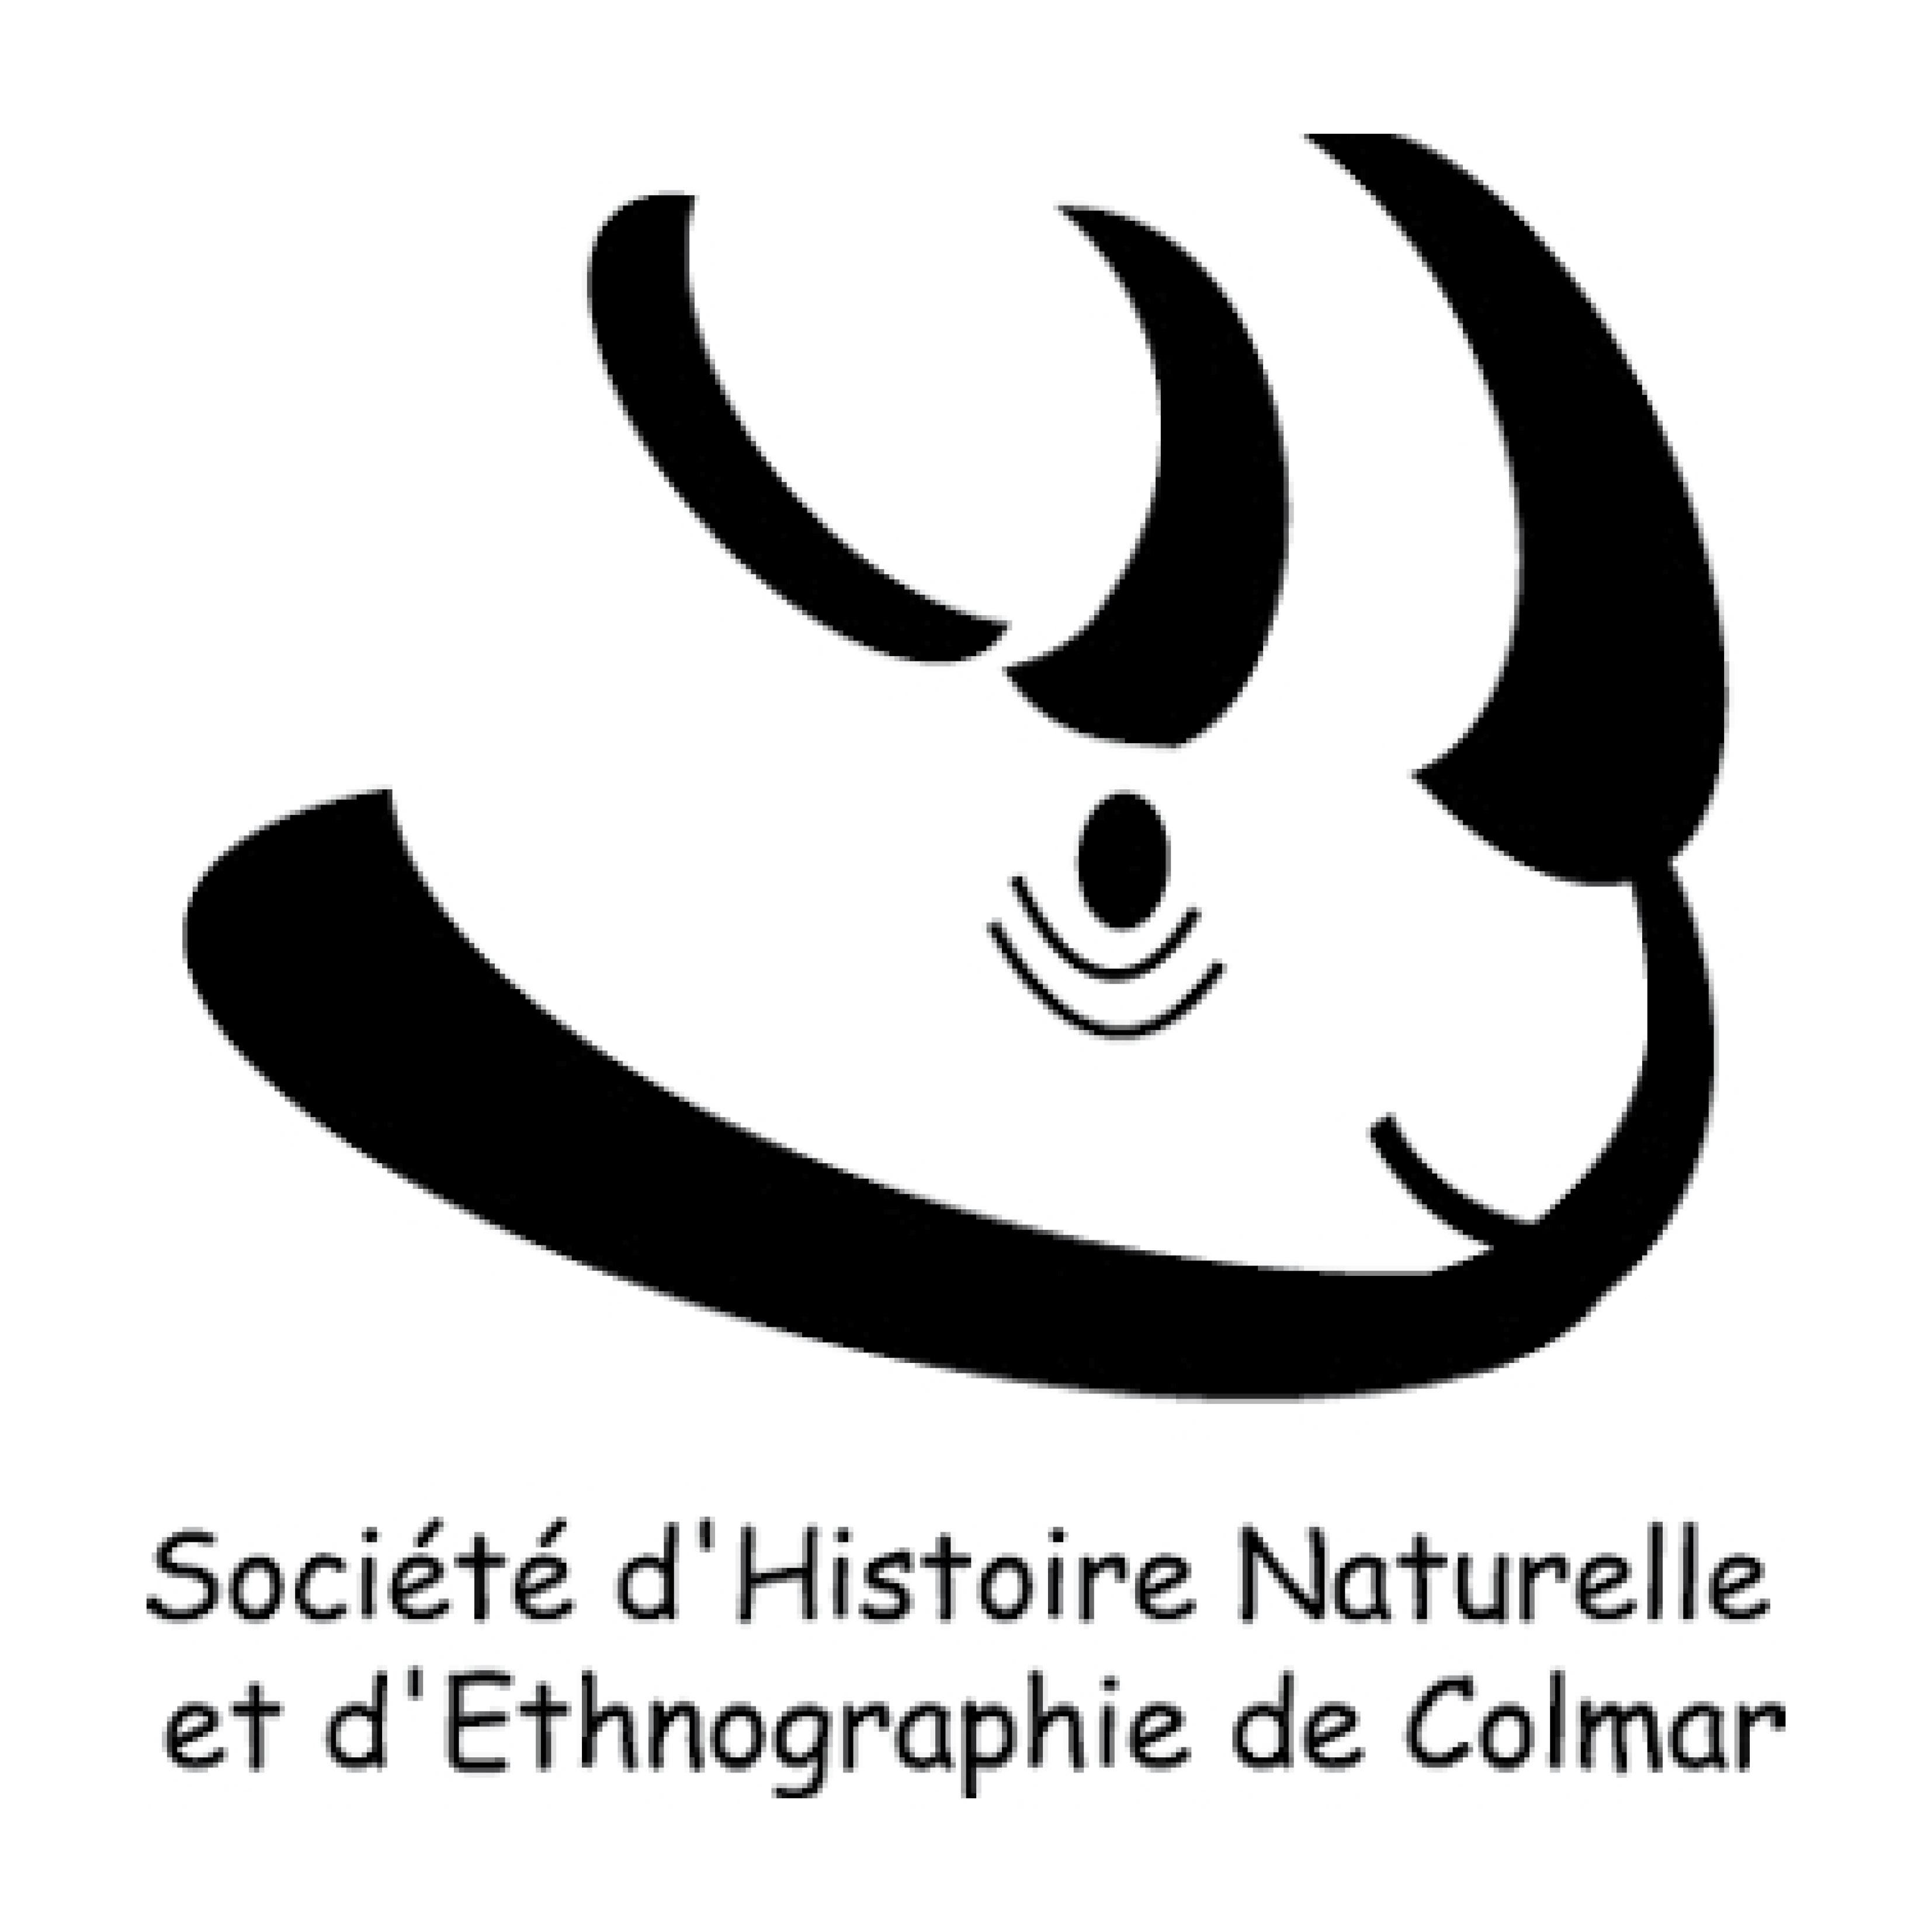 Société d'Histoire Naturelle et d'Ethnographie de Colmar (SHNEC)